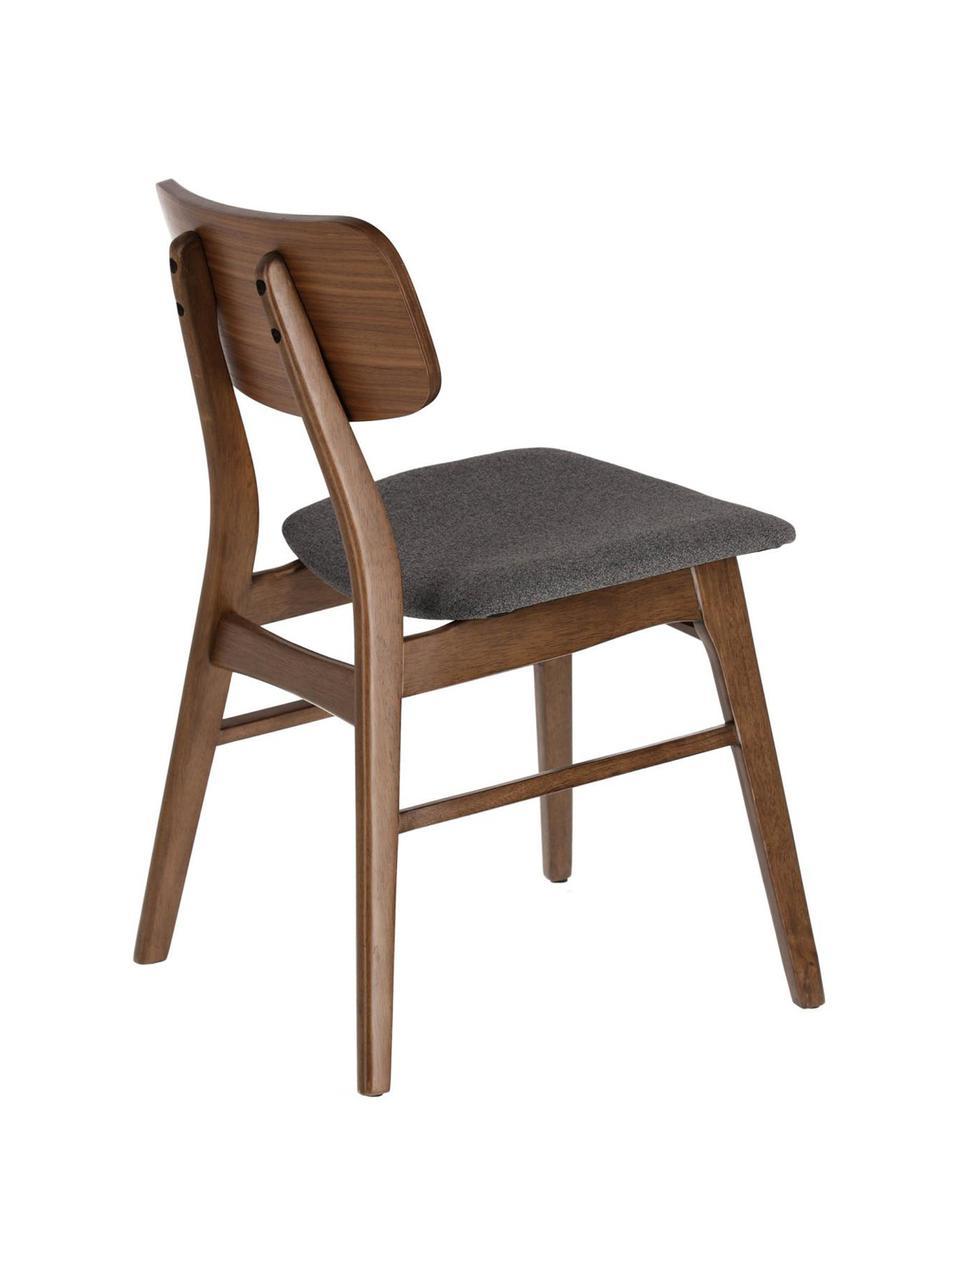 Krzesło z drewna Selia, 2 szt., Stelaż: lite drewno kauczukowe, f, Tapicerka: poliester, Ciemny szary, ciemny brązowy, S 48 x G 53 cm